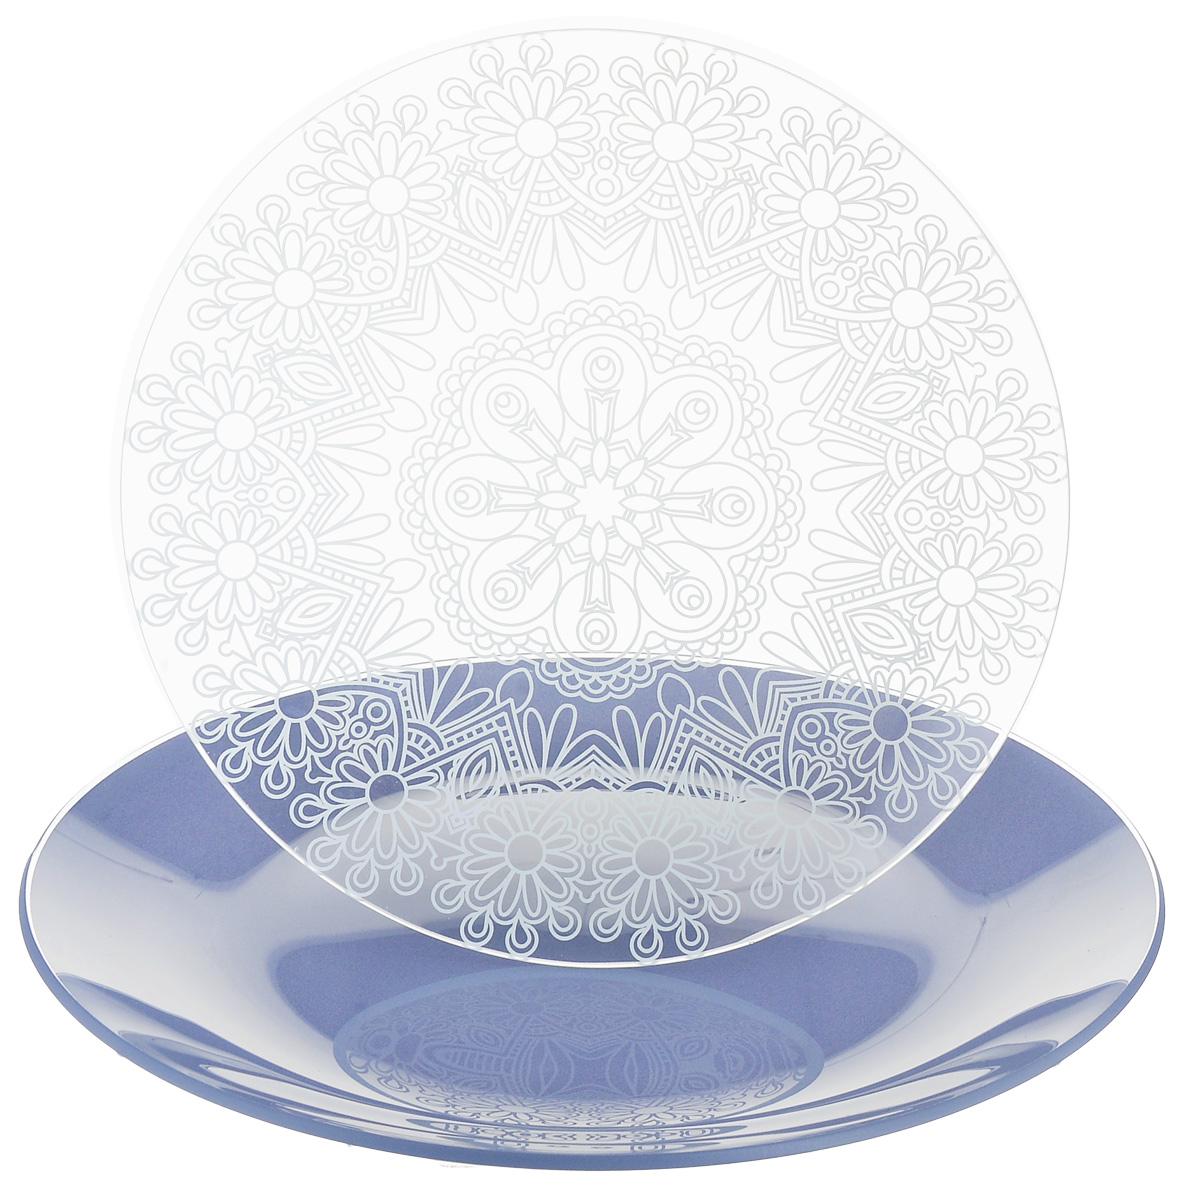 Набор тарелок NiNaGlass, цвет: голубой, диаметр 20 см, 2 шт. 85-200-146пс85-200-146псНабор тарелок NiNaGlass Кружево и Палитра выполнена из высококачественного стекла, декорирована под Вологодское кружево и подстановочная тарелка яркий насыщенный цвет. Набор идеален для подачи горячих блюд, сервировки праздничного стола, нарезок, салатов, овощей и фруктов. Он отлично подойдет как для повседневных, так и для торжественных случаев. Такой набор прекрасно впишется в интерьер вашей кухни и станет достойным дополнением к кухонному инвентарю.